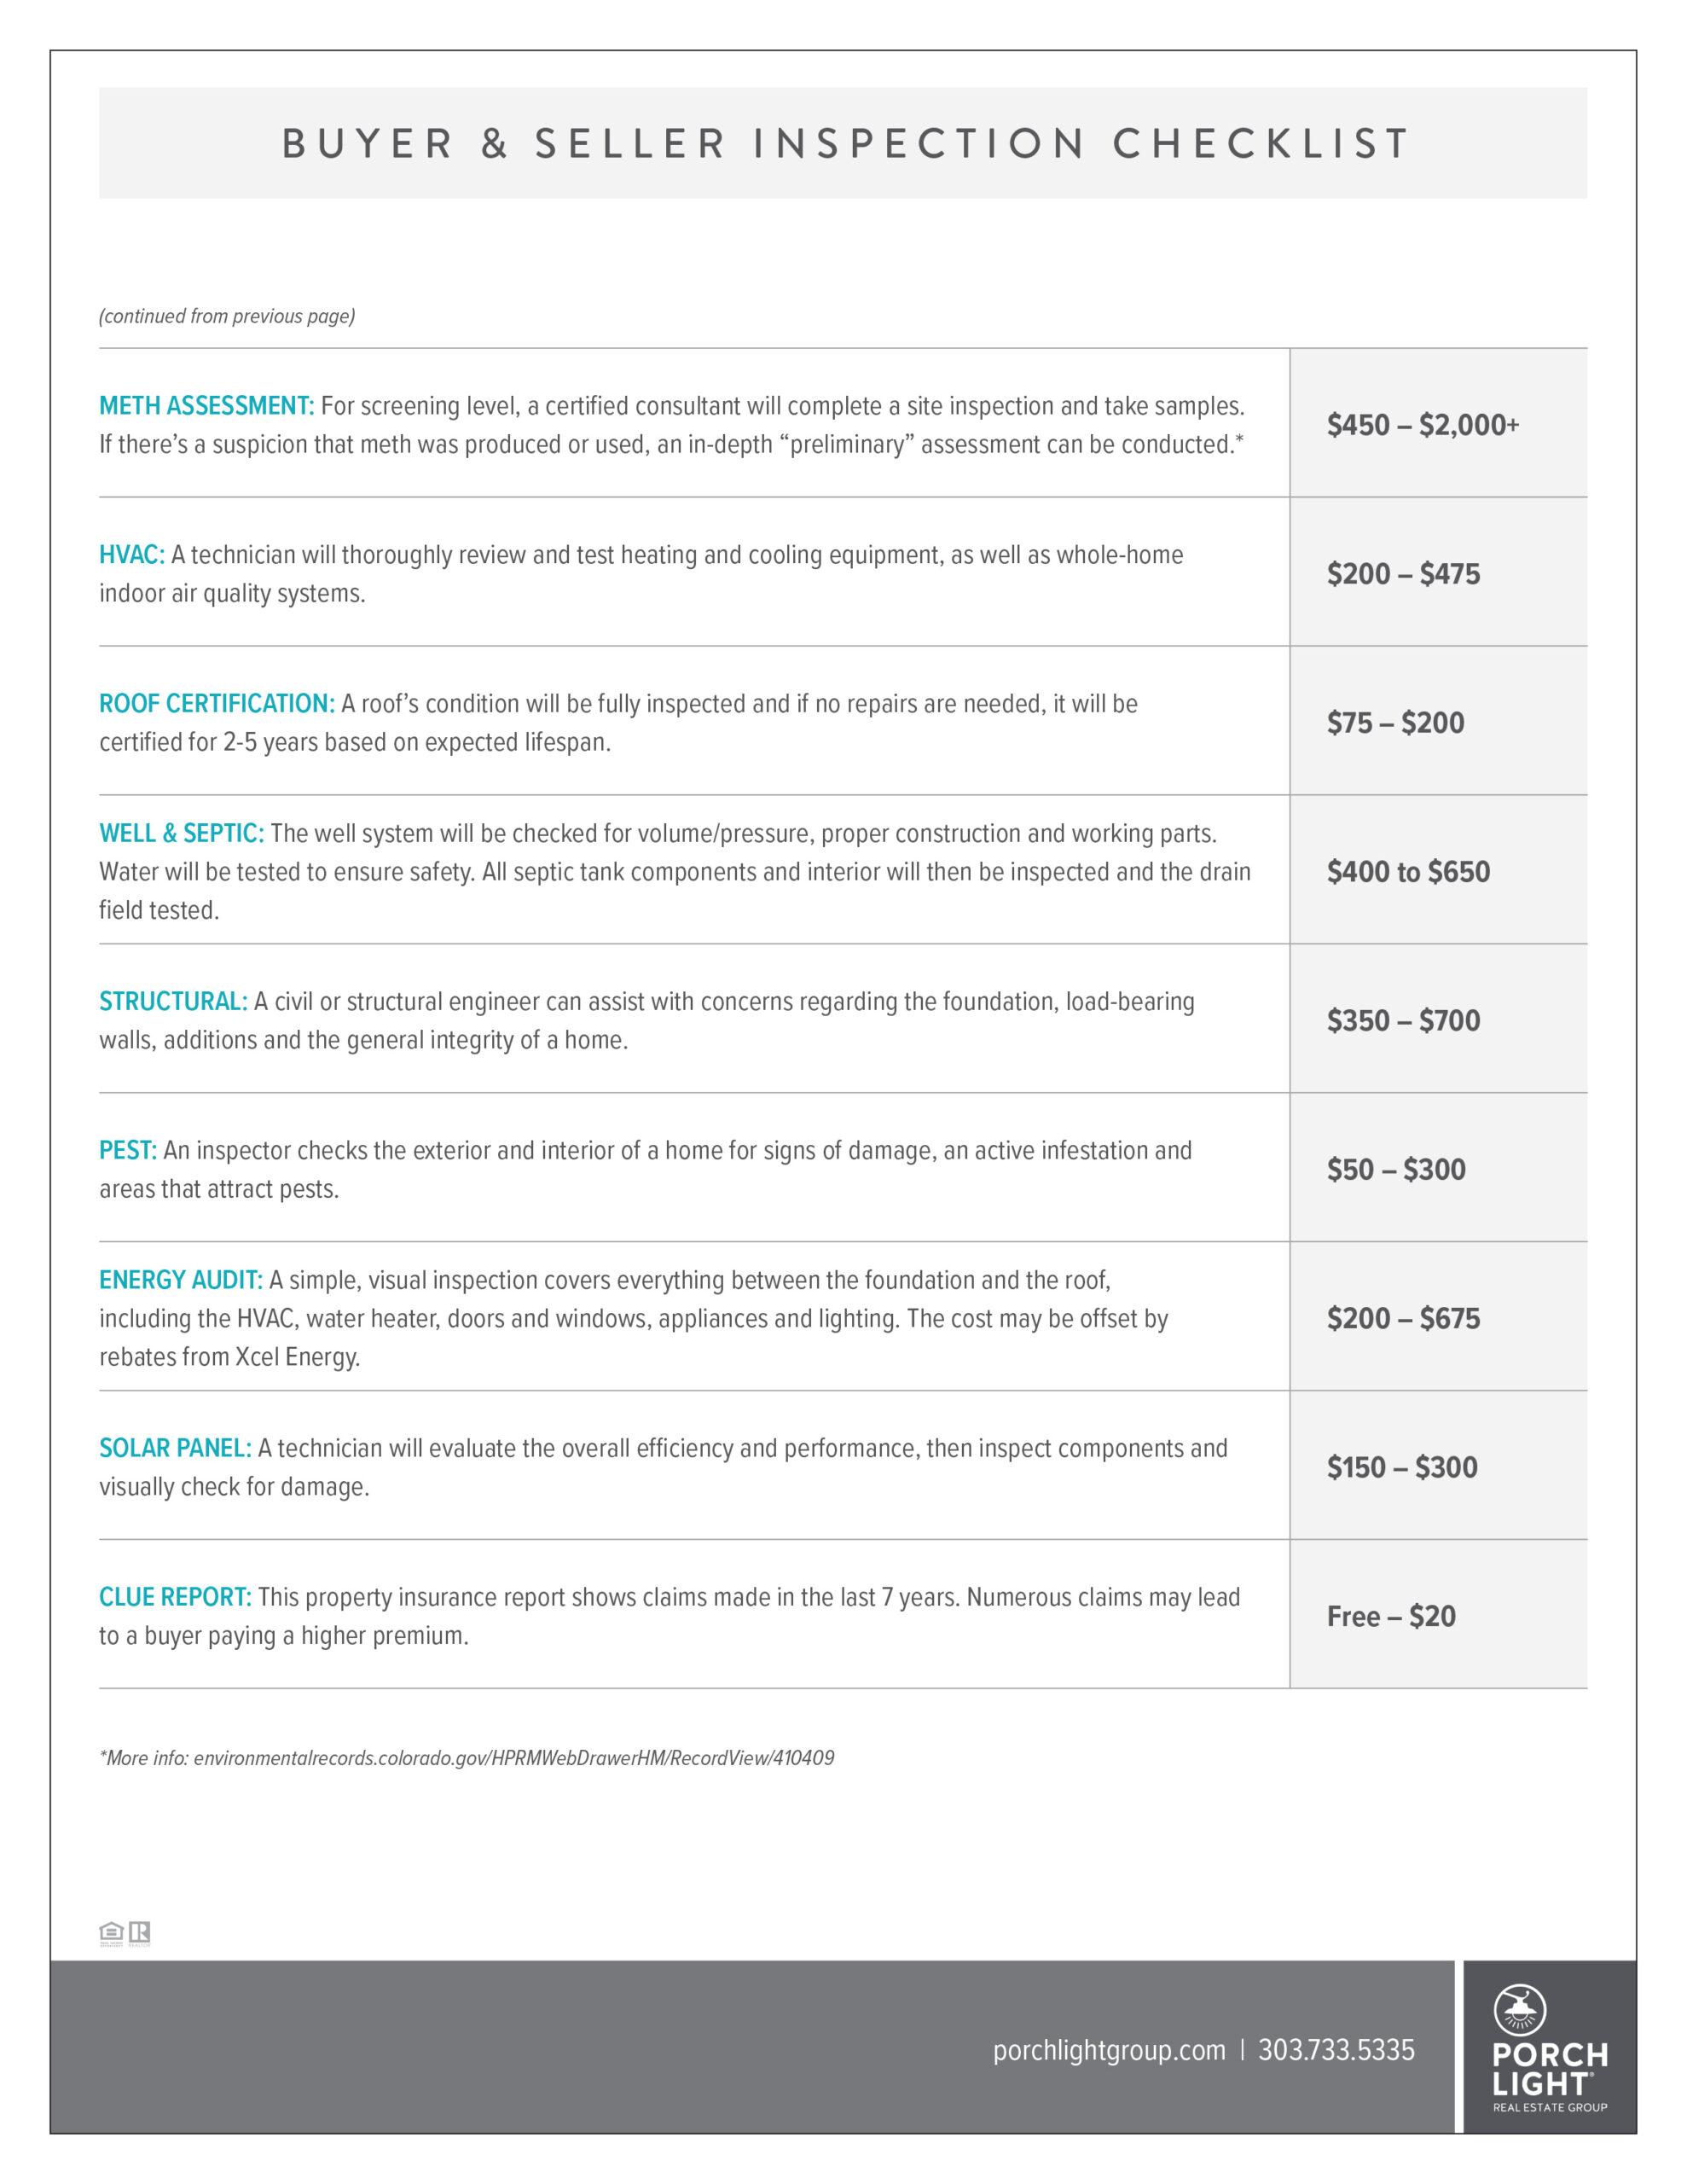 2020-BuyerSellerInspectionChecklist-2